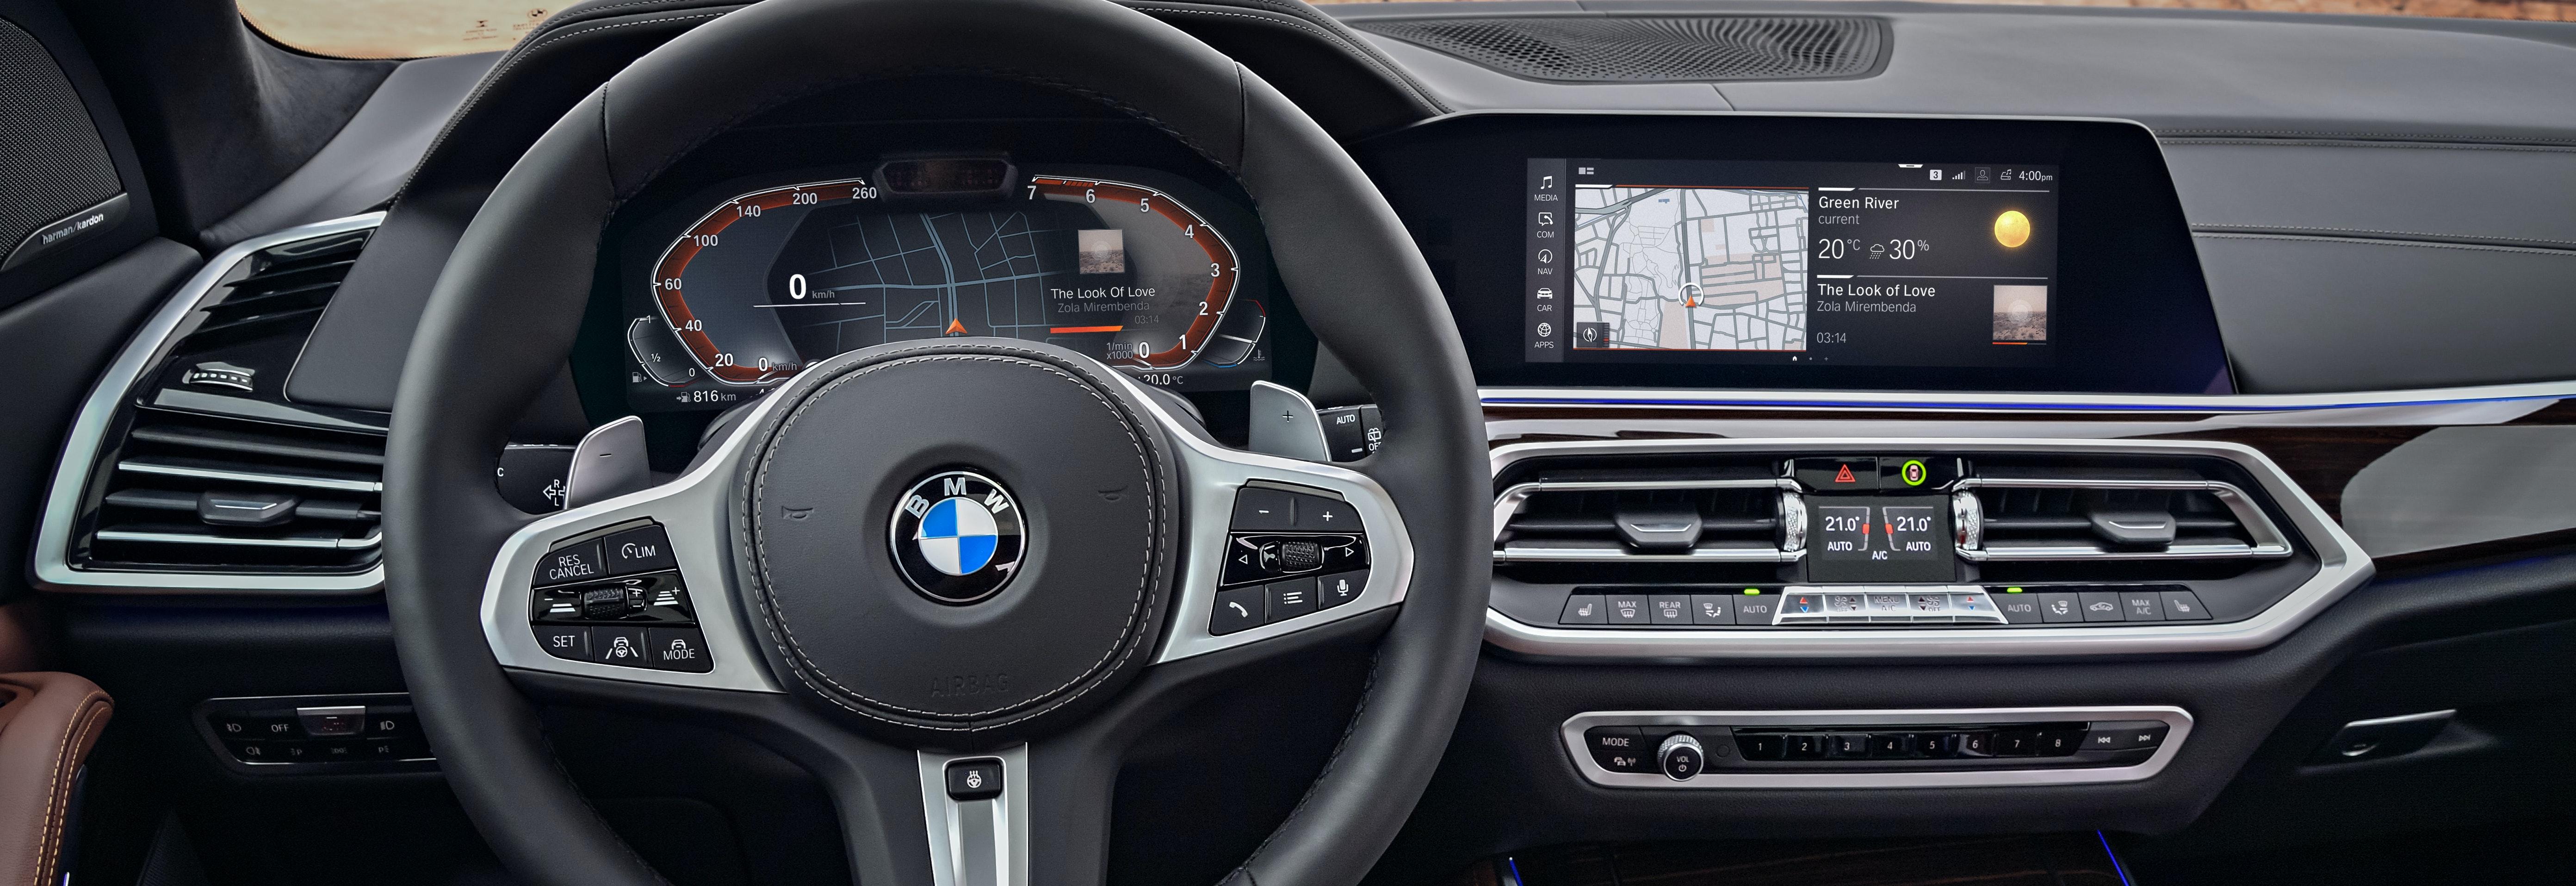 2018 Bmw X5 Interior Digital Dials